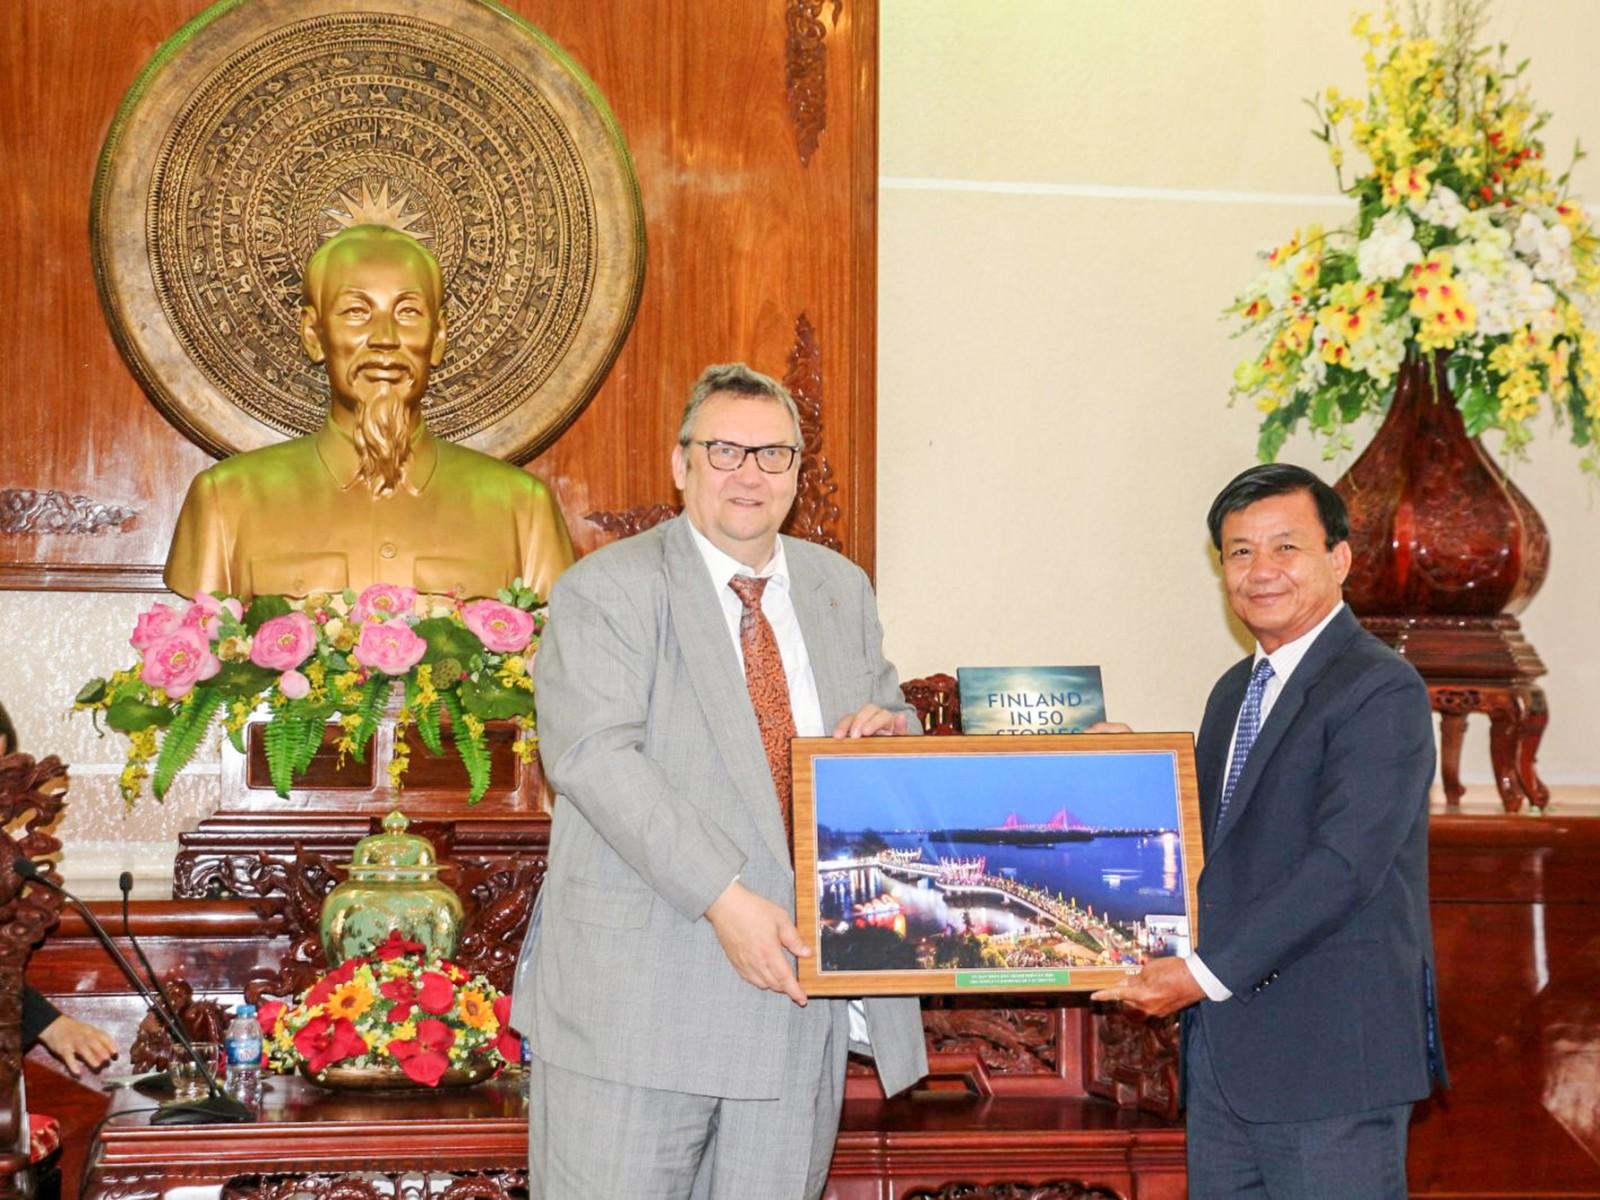 Phó Chủ tịch Thường trực UBND TP Cần Thơ Đào Anh Dũng (phải) tặng quà lưu niệm cho Đại sứ Phần Lan Kari Kahiluoto trong buổi tiếp và làm việc ngày 10-5. Ảnh: Nam Hương